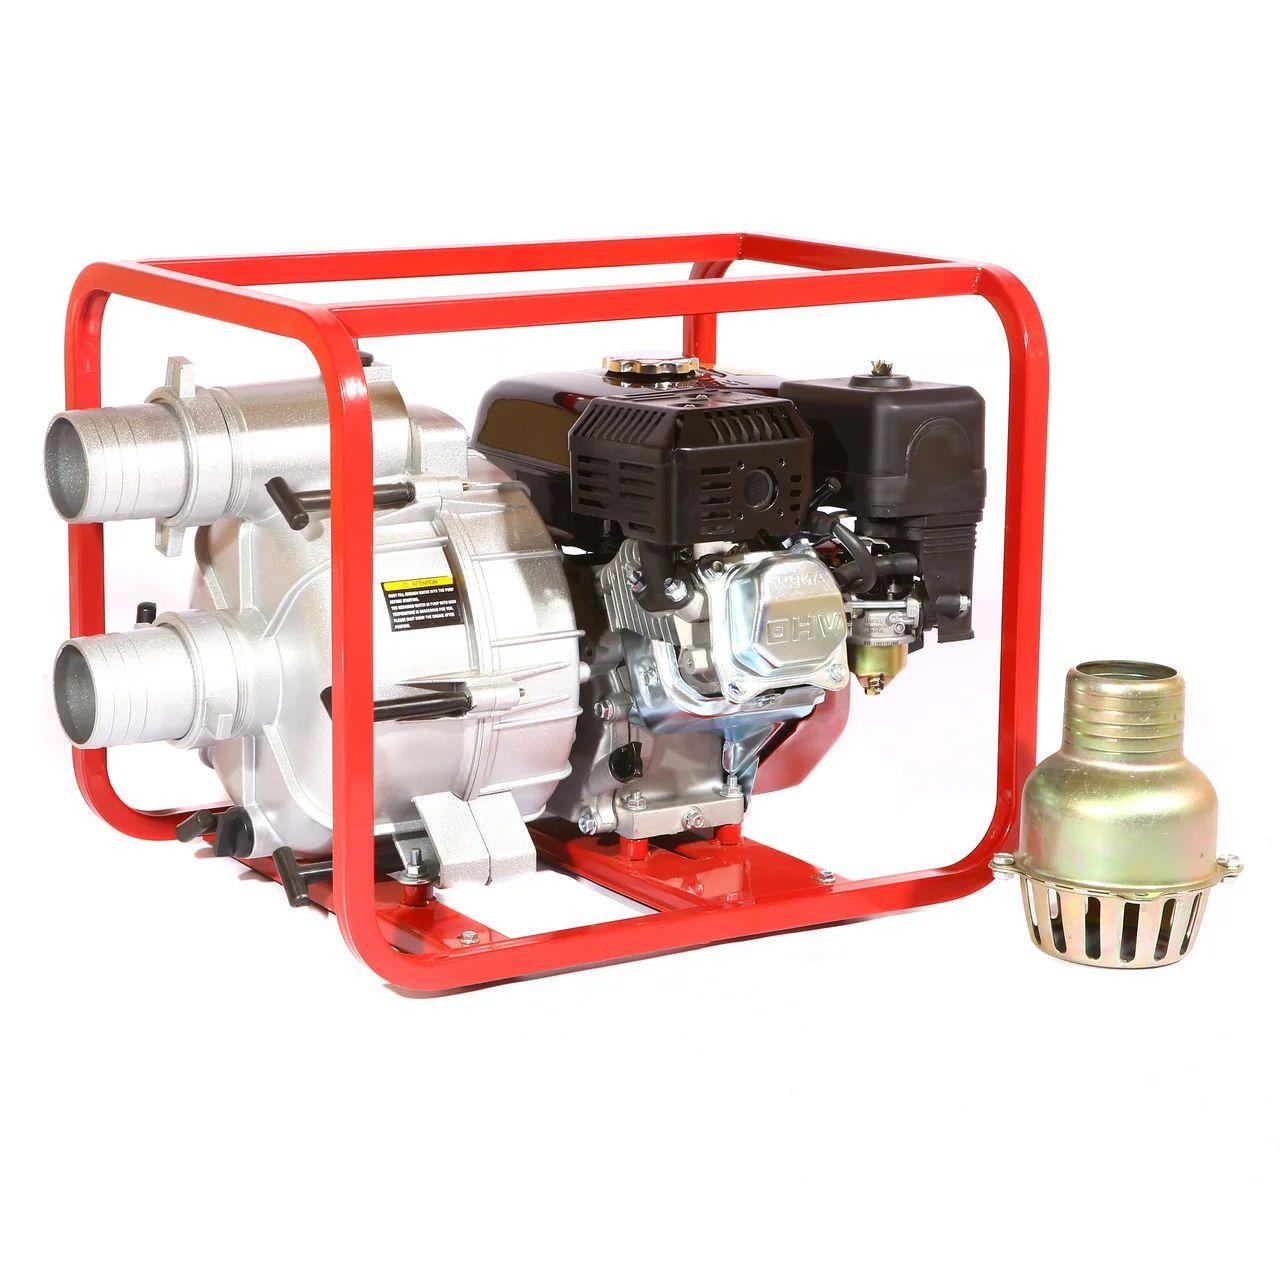 Мотопомпа бензиновая Weima WMPW80-26  (бензин, для грязной воды, Патрубок 80мм) Бесплатная доставка